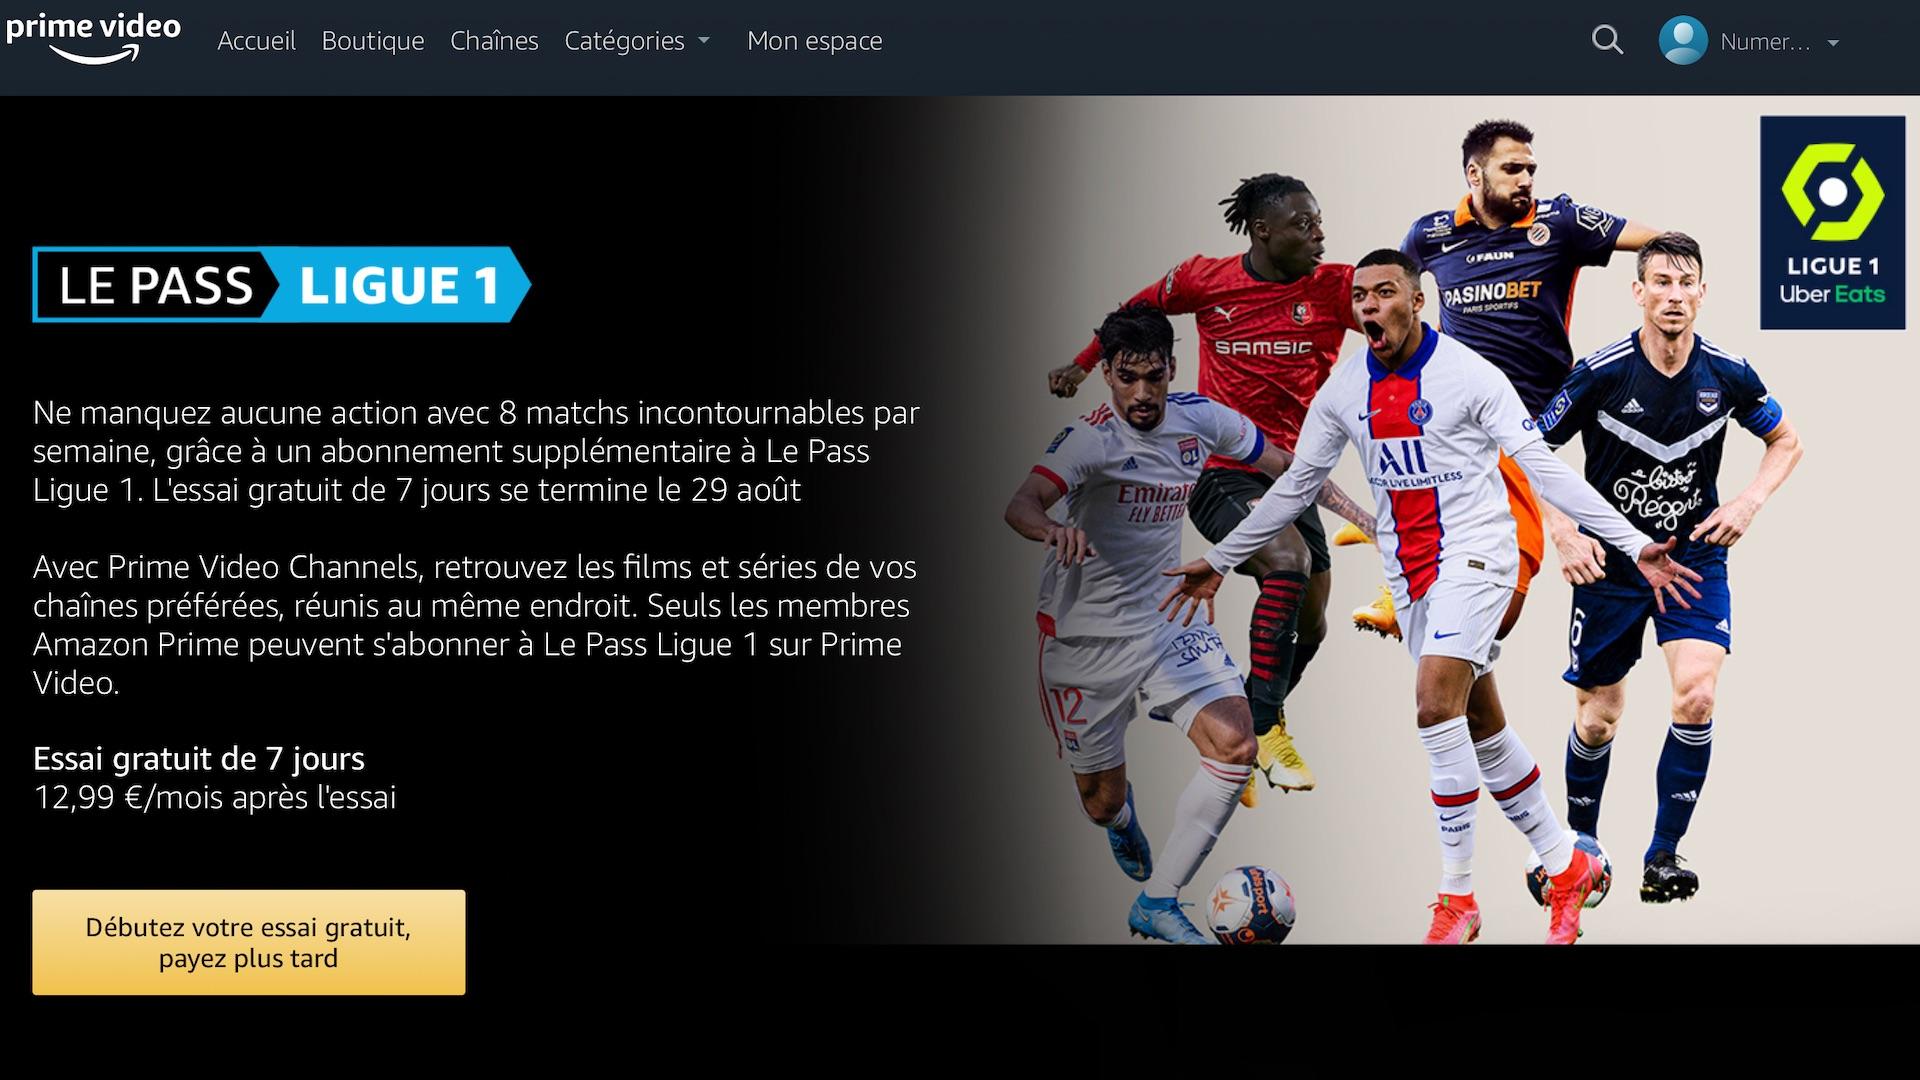 Amazon Prime Video Ligue 1 : comment s'abonner pour regarder le foot en streaming ?